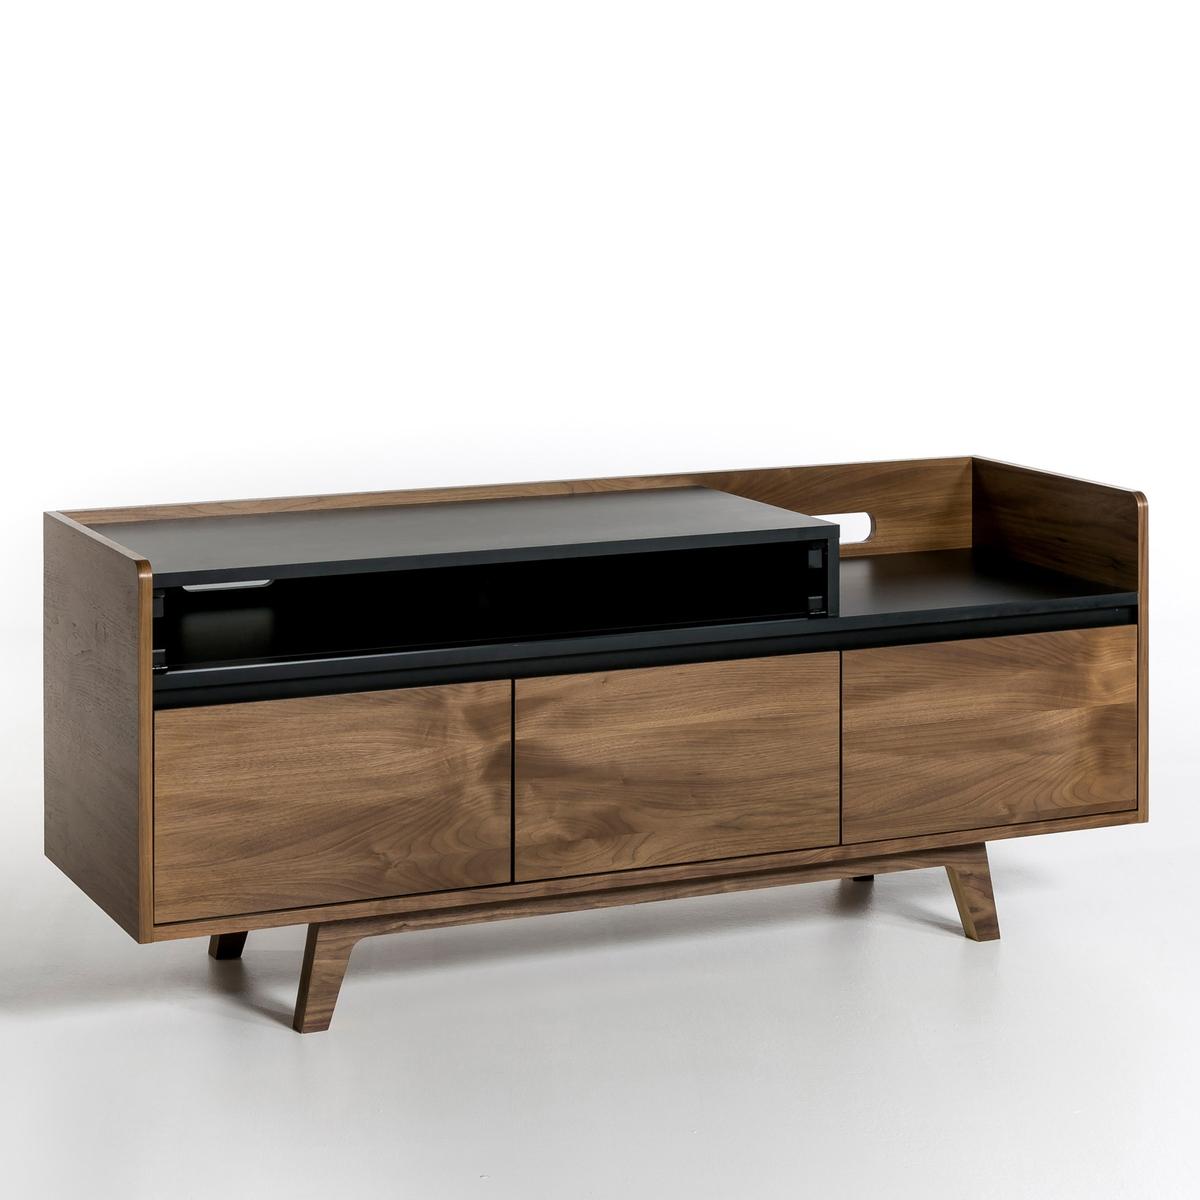 ТВ-тумба La Redoute Andilon дизайн Э Галлины единый размер каштановый стул для сада ambros дизайн э галлины